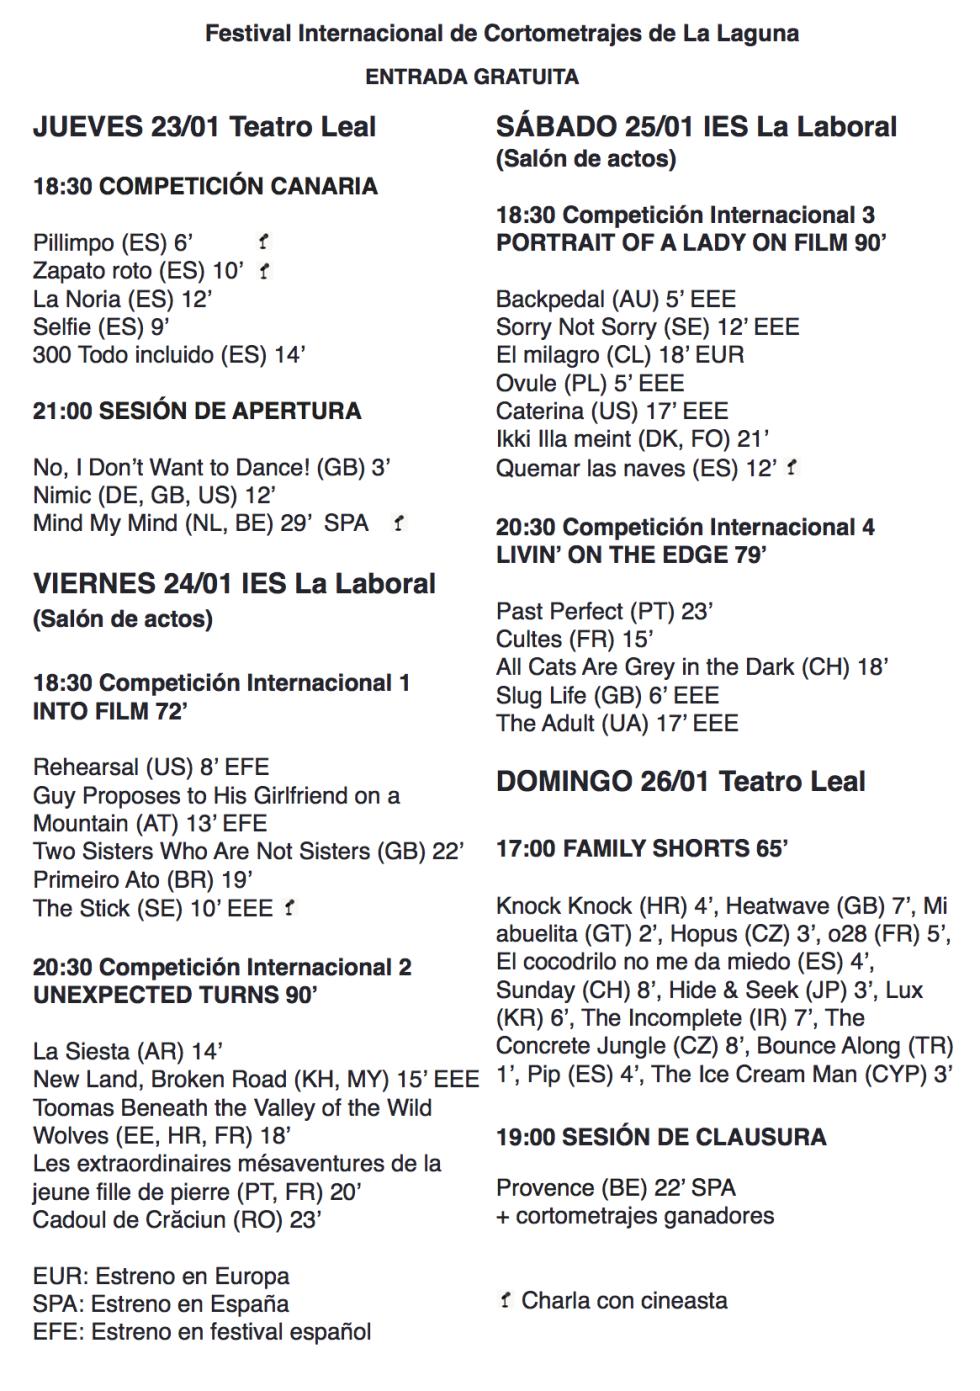 VII séptimo Festival Internacional Cortometrajes Laguna teatro leal enero 2020